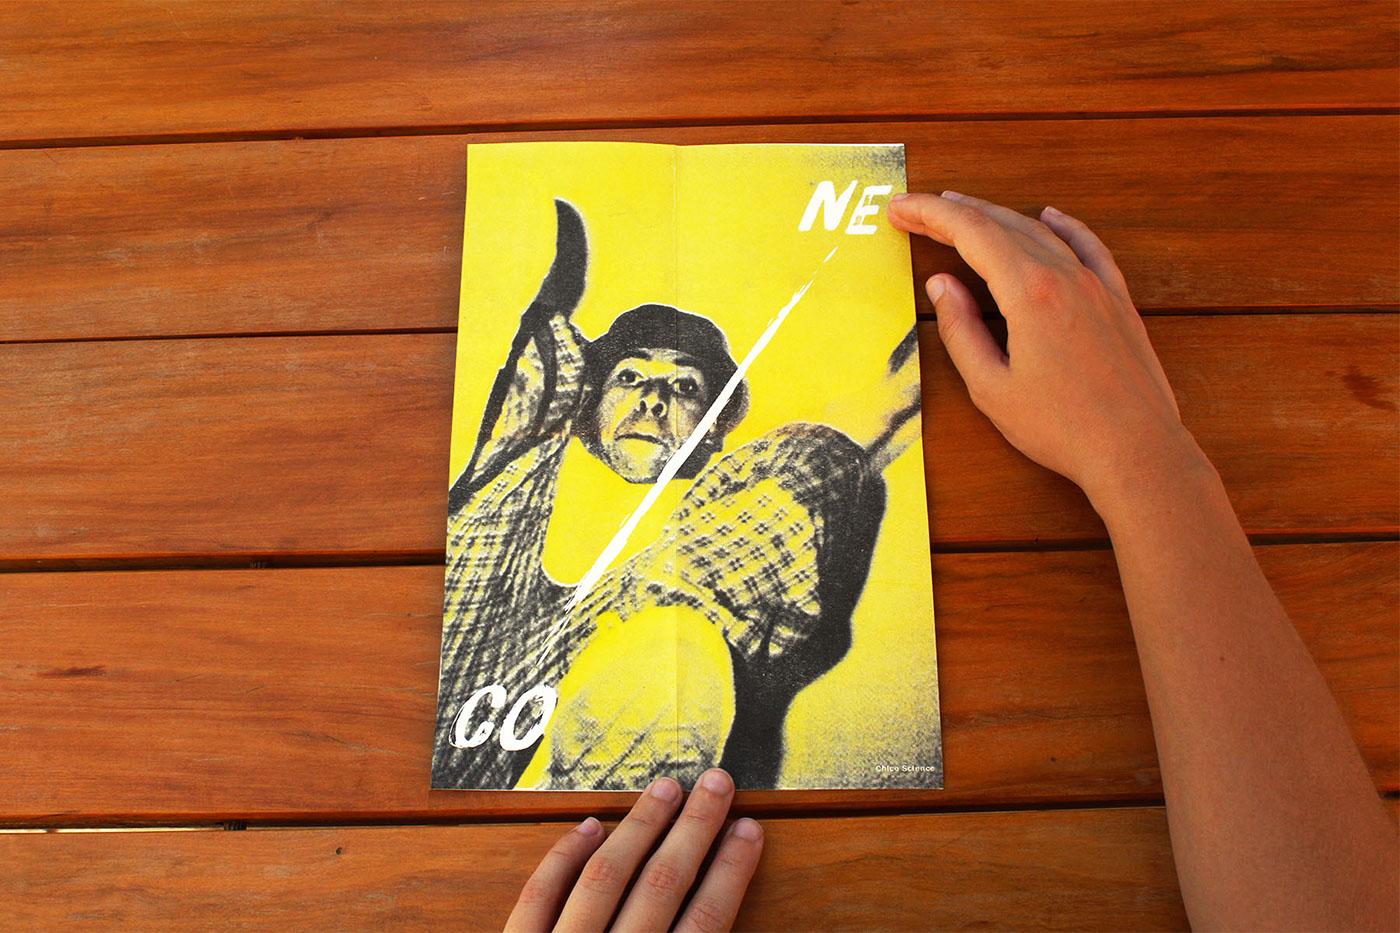 Riso risograph risografia cartaz poster musica music risograph printing folder